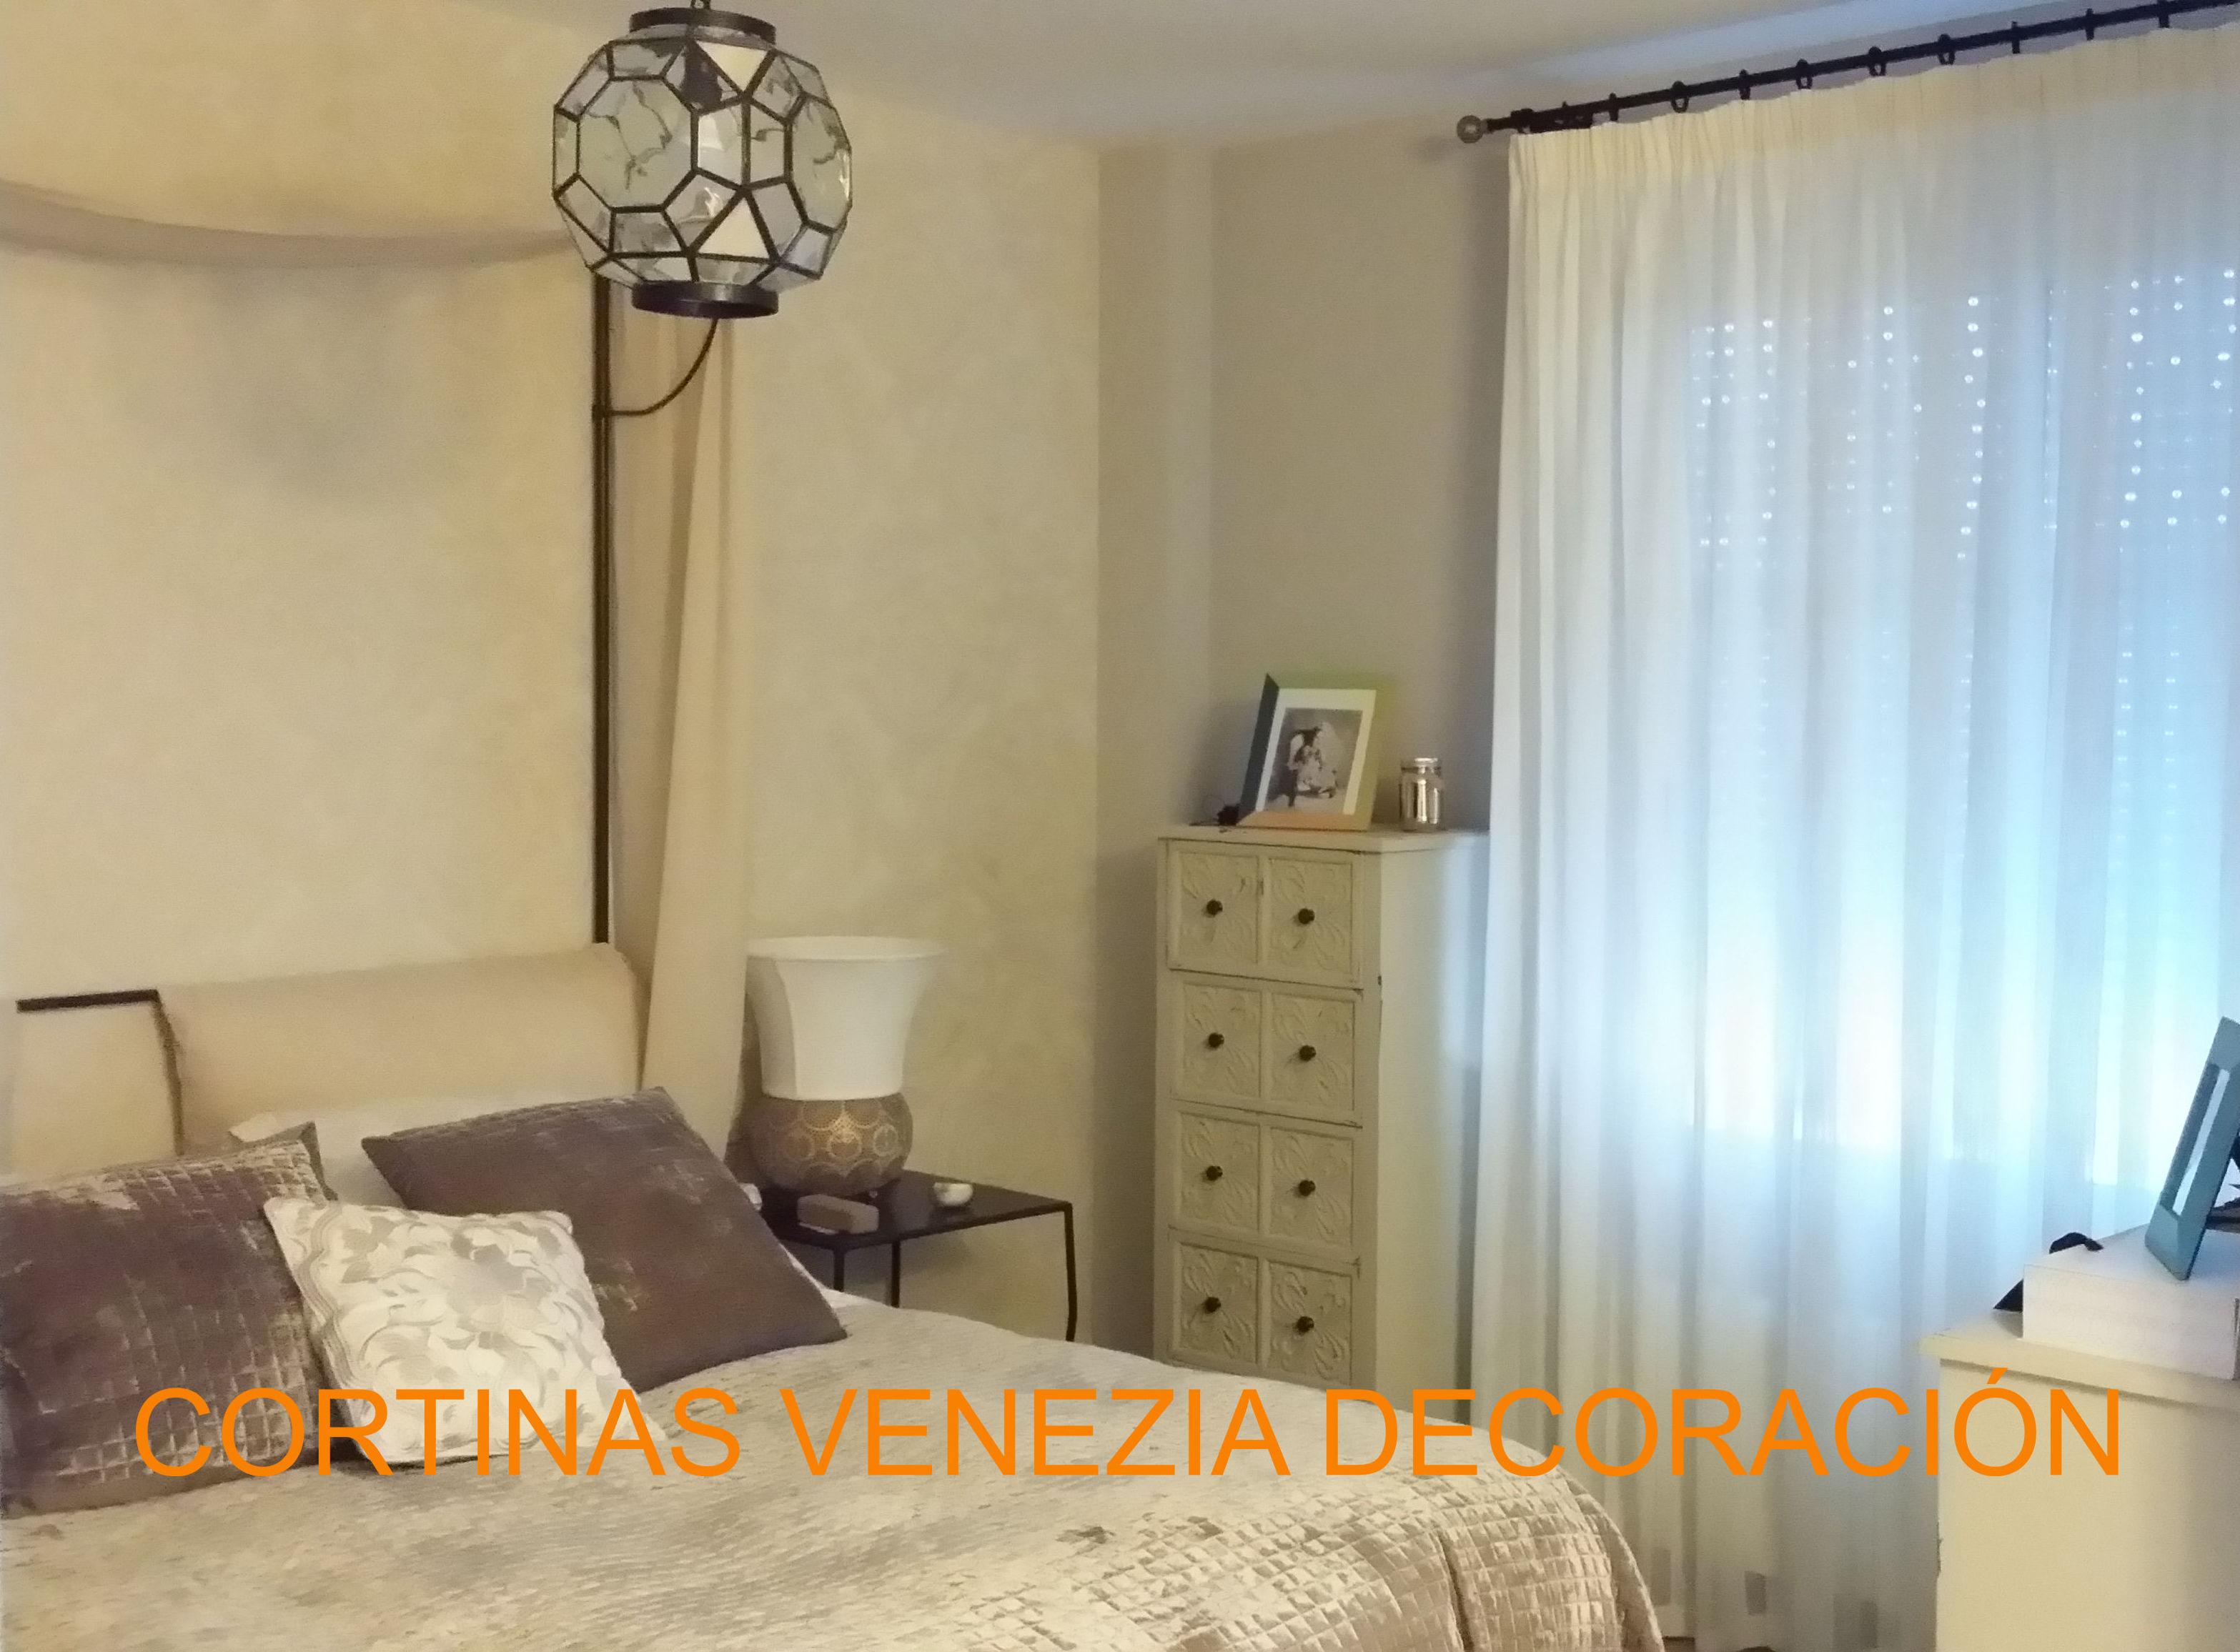 Foto 50 de Cortinas en Albacete | Venezia Decoración